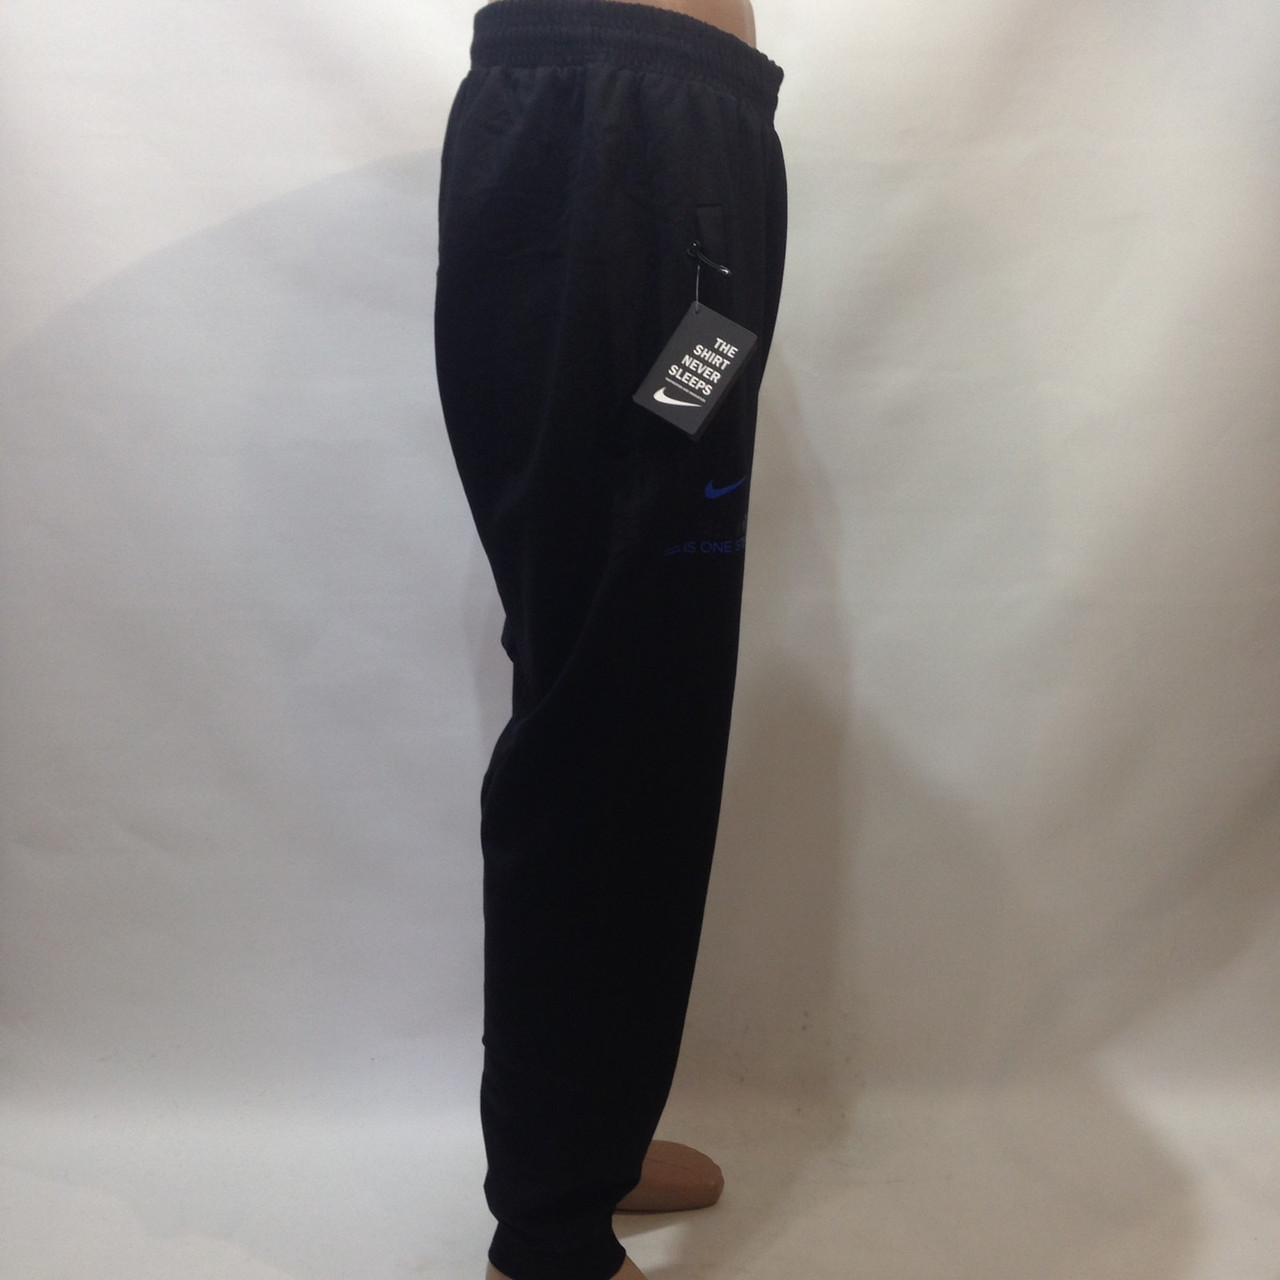 Мужские штаны в стиле Nike (Больших размеров) под манжет черные отличного качества 2xl,3xl,4xl